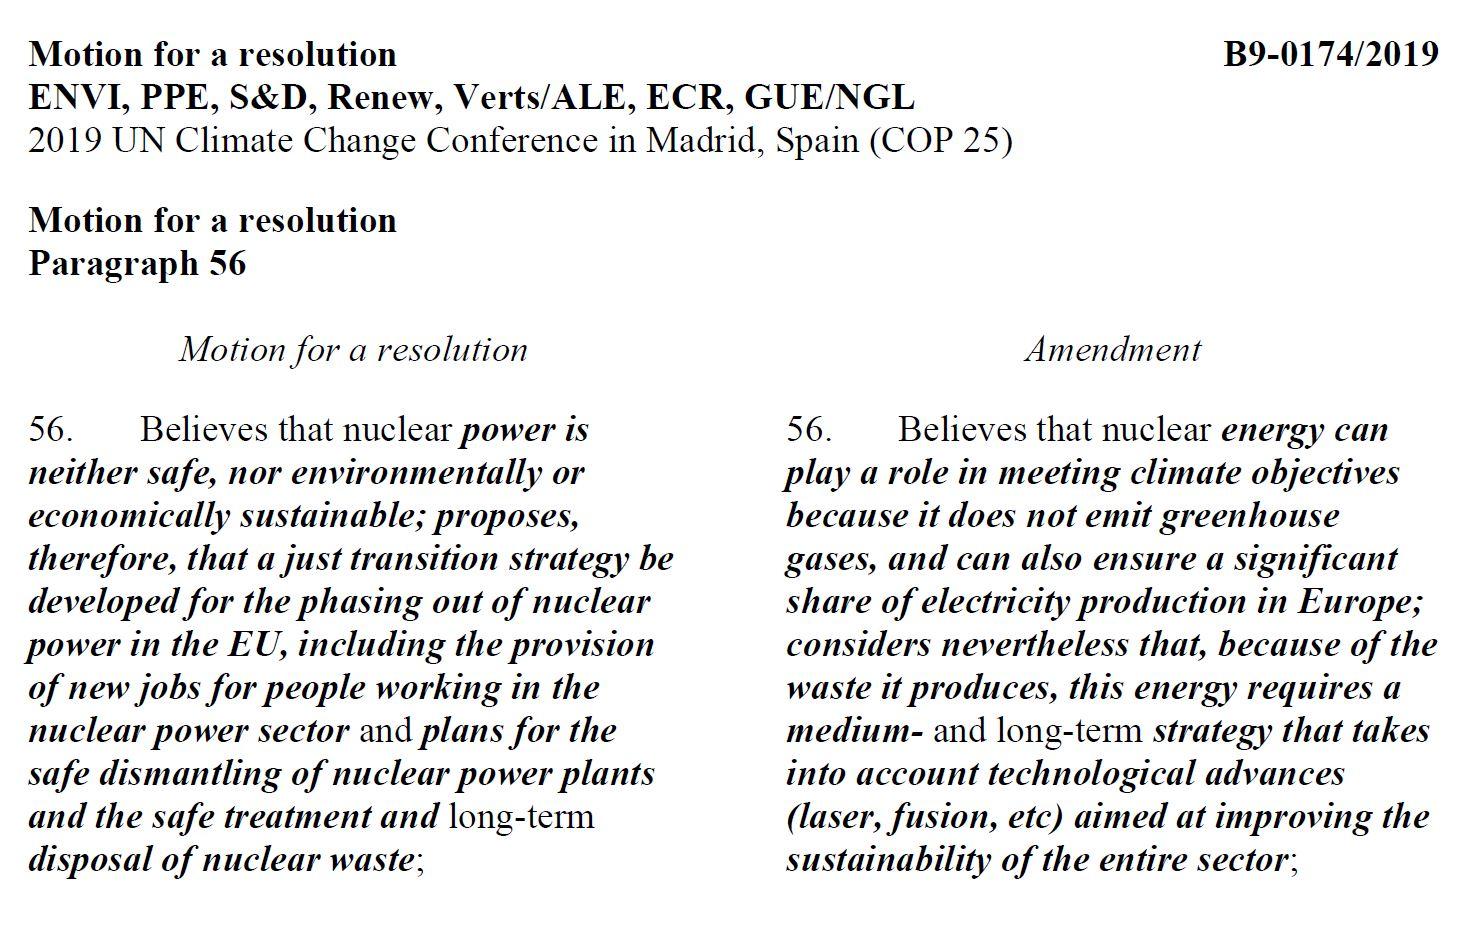 Vyzerá to ako najnudnejší text na svete: dodatok k rezolúcii Európskeho parlamentu ku konferencii o klimatických zmenách s názvom OSN COP 25, ktorá odo dneška prebieha v Madride. Týchto jedenásť (!) riadkov však mení jadrovú energiu zo strašiaka Európy na jeden z oficiálnych pilierov boja EÚ proti klimatickým zmenám. Palec hore pre štyridsaťšesť poslancov, ktorí dodatkom zmenili text navrhovanej rezolúcie (na obrázku vľavo) na schválené znenie (vpravo).